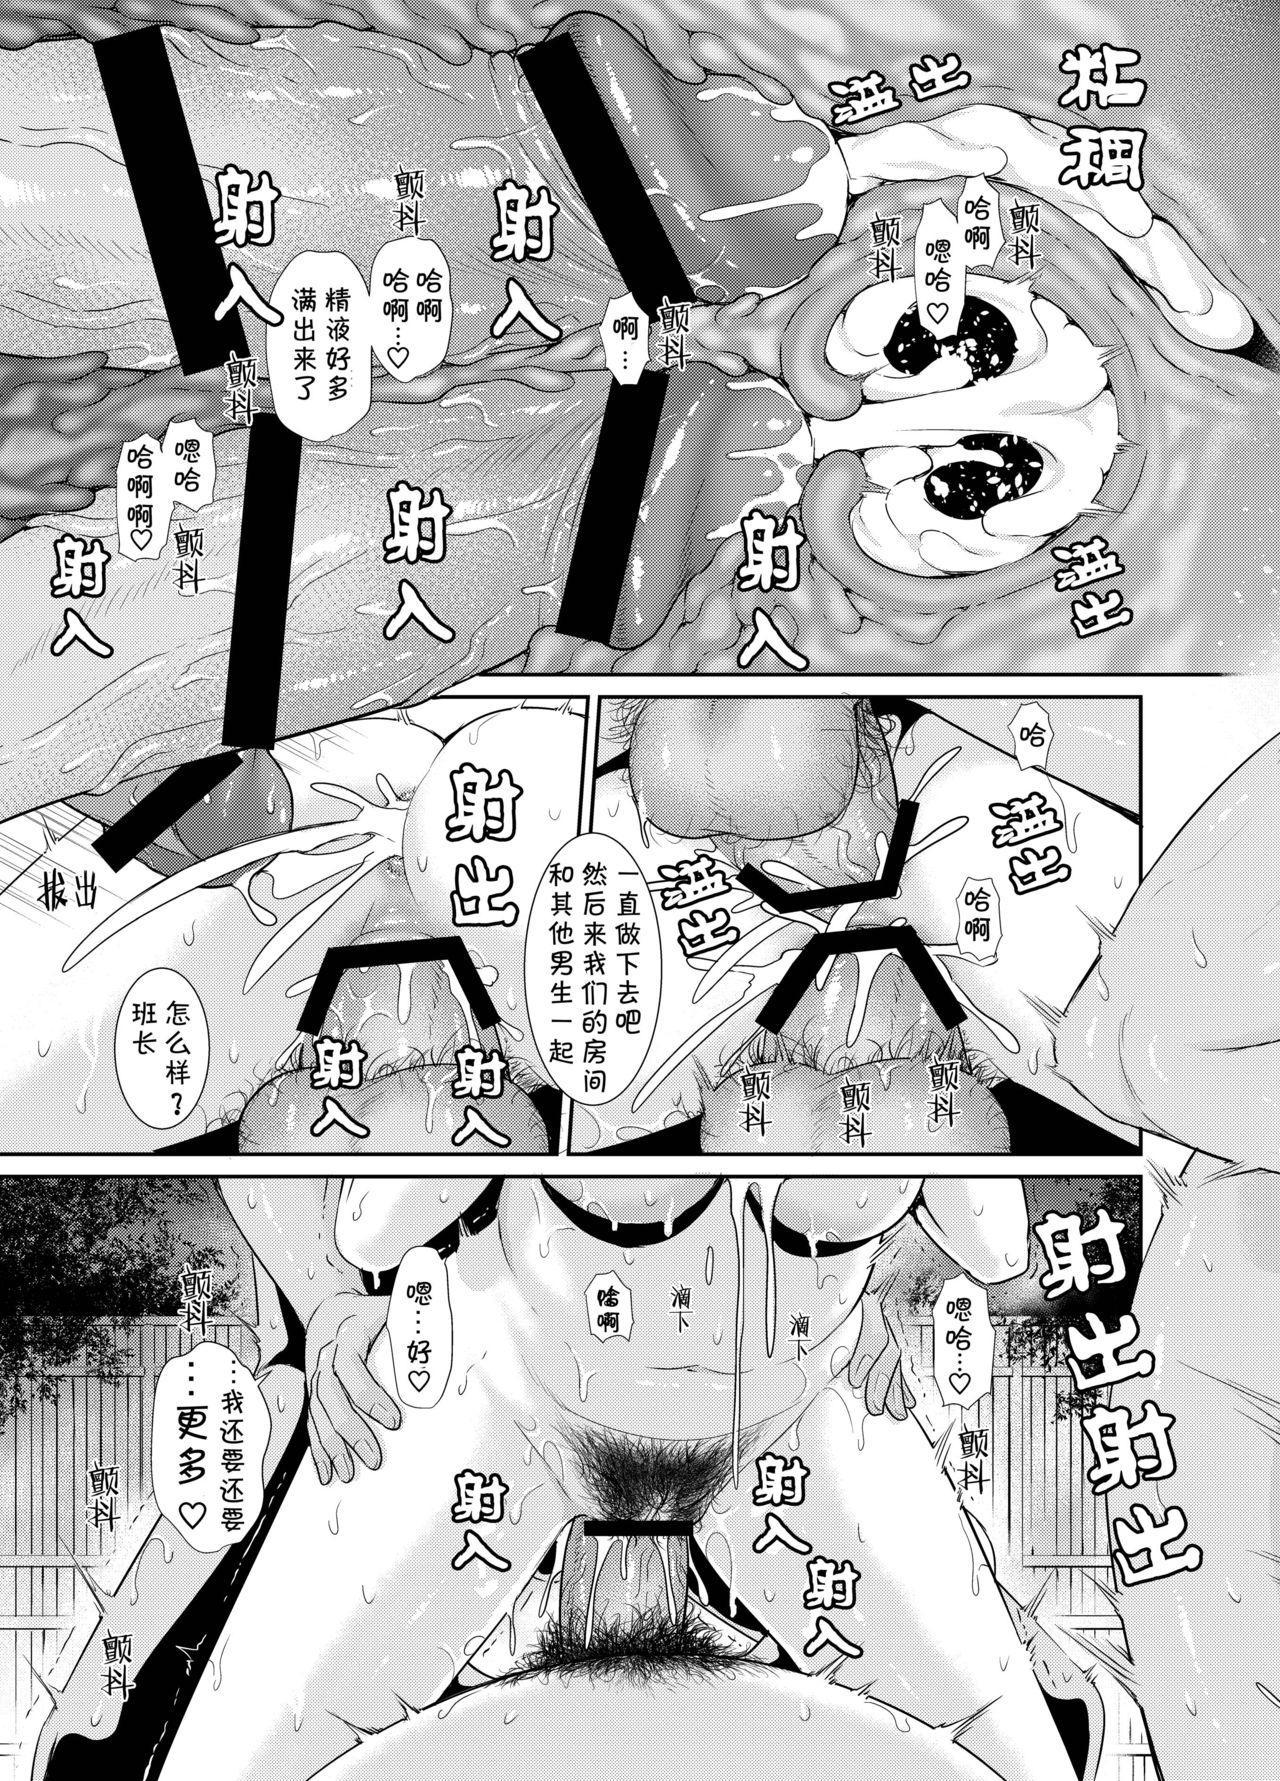 巨乳委員長のマンコ受難 ~触手ロストバージン&輪姦修学旅行~【中国語版】RJ264302 25